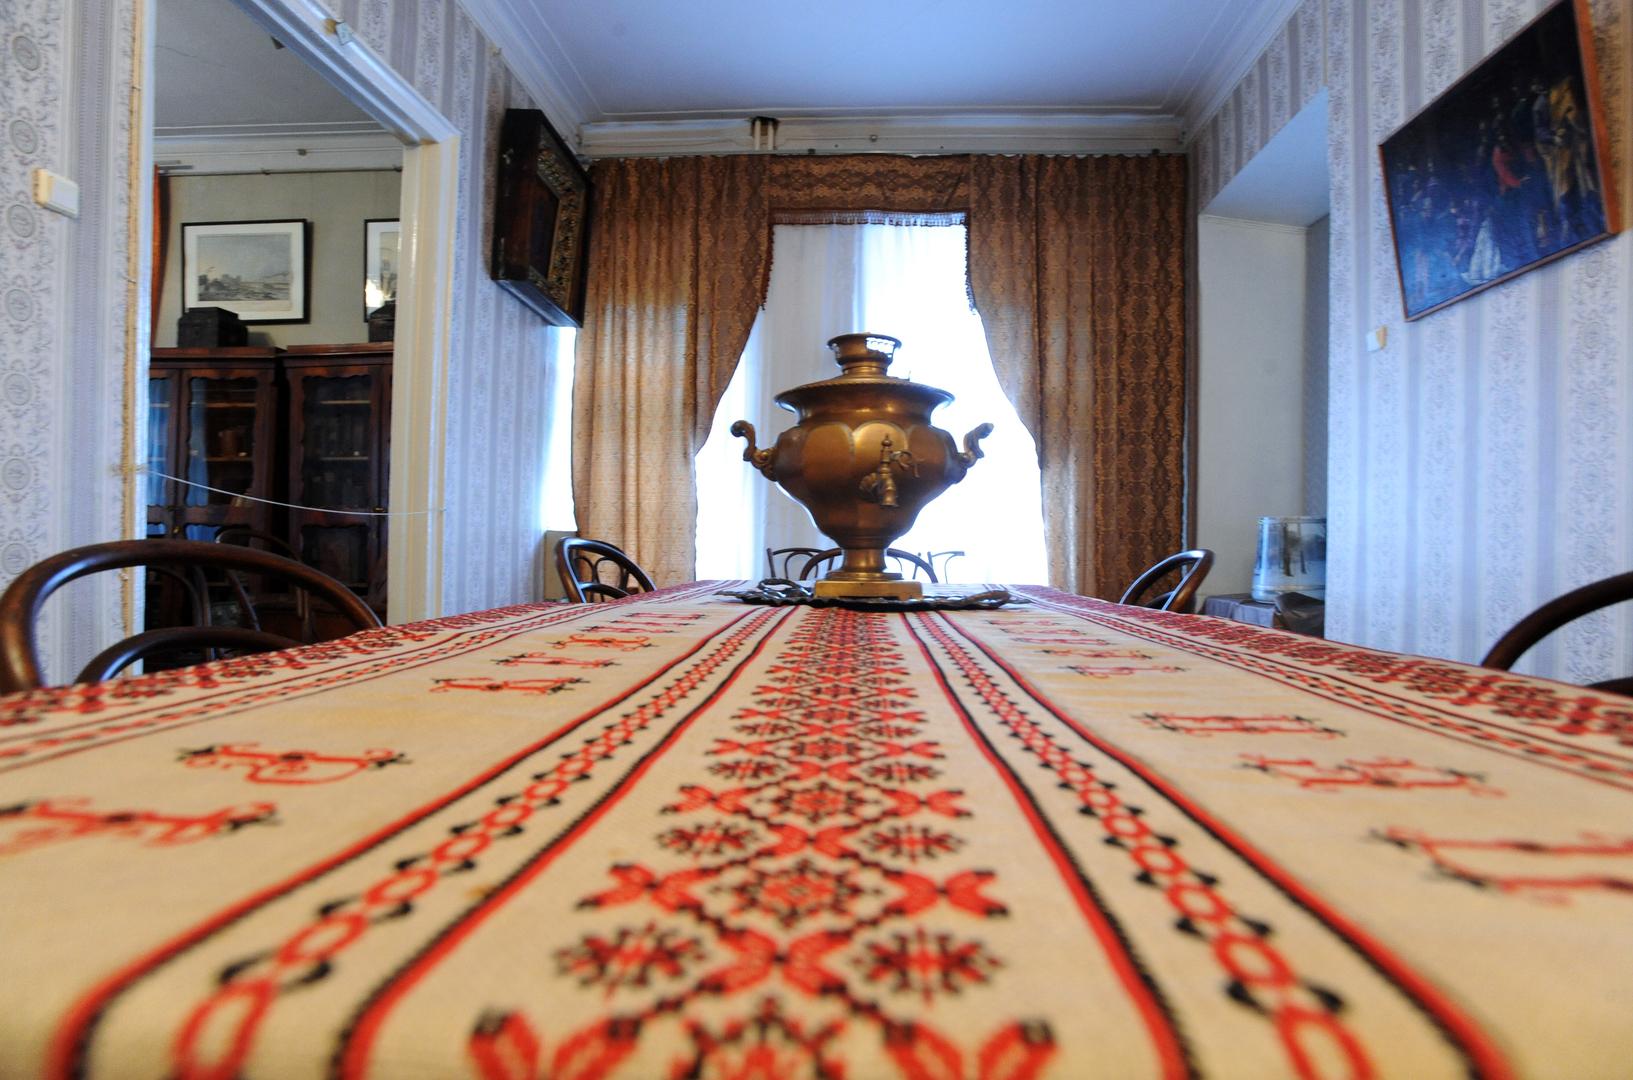 غرفة الضيافة في عزبة زفوريكين